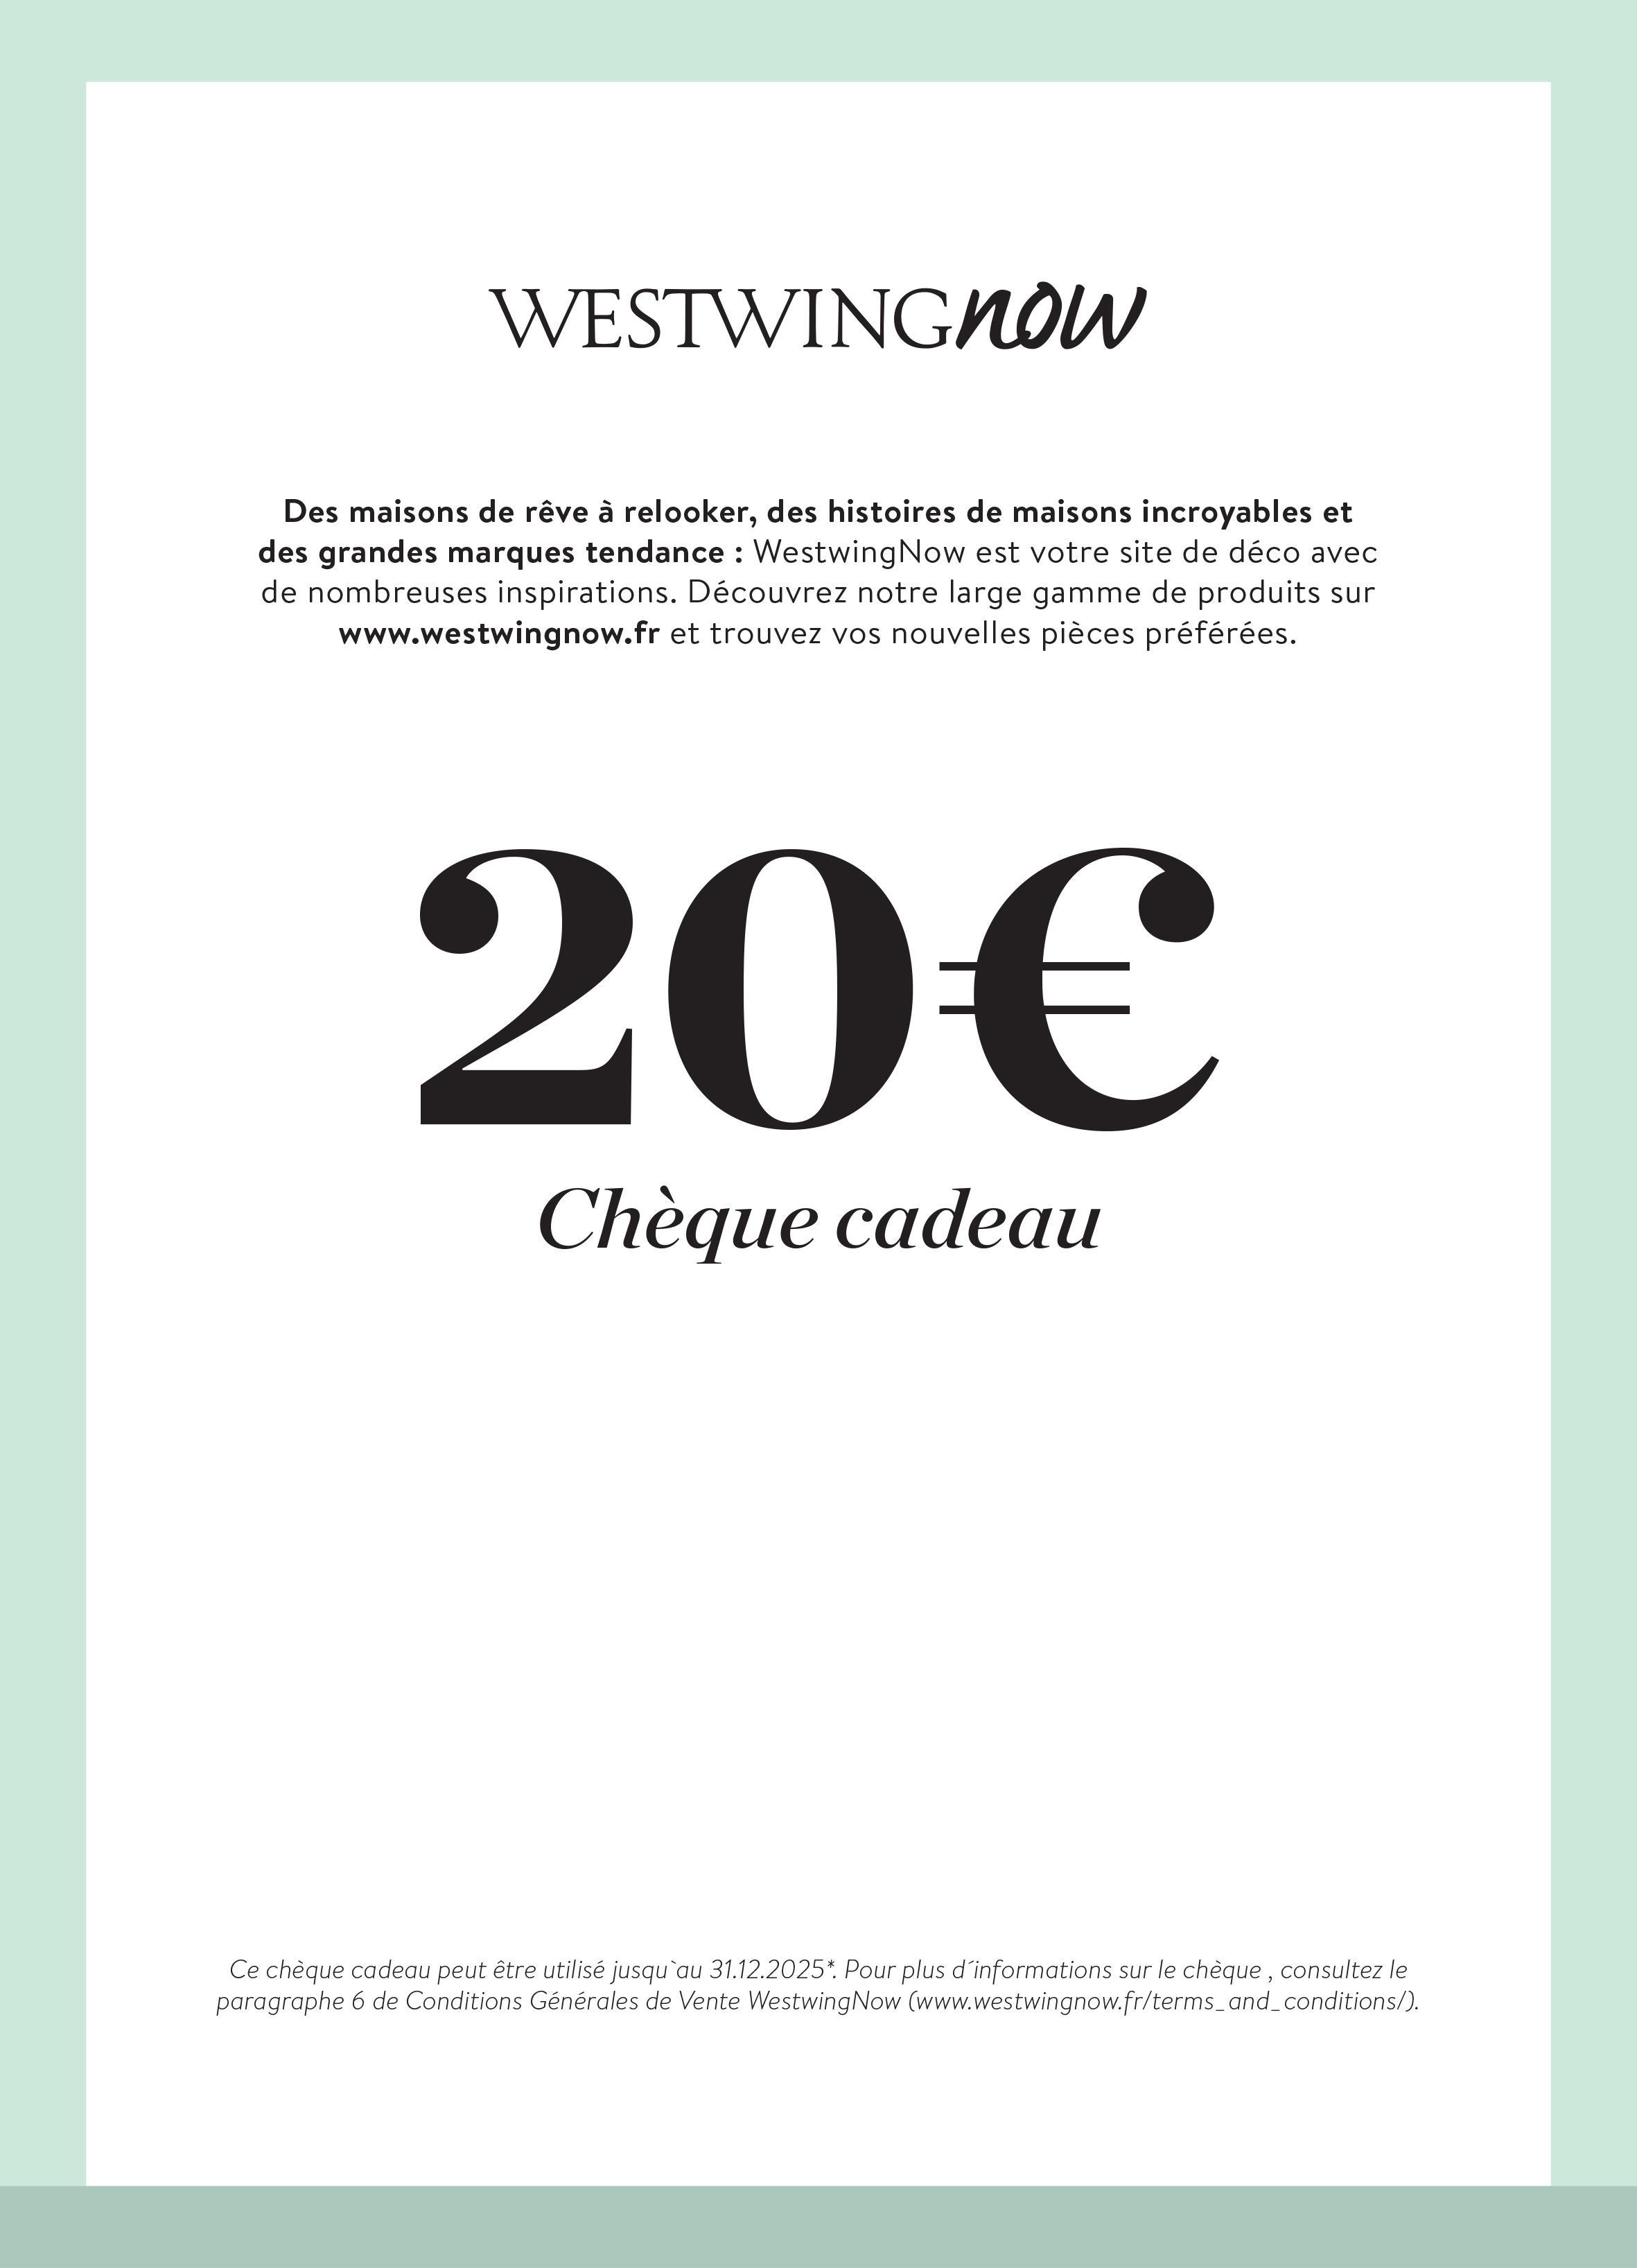 Cheque Cadeau A Imprimer Westwingnow